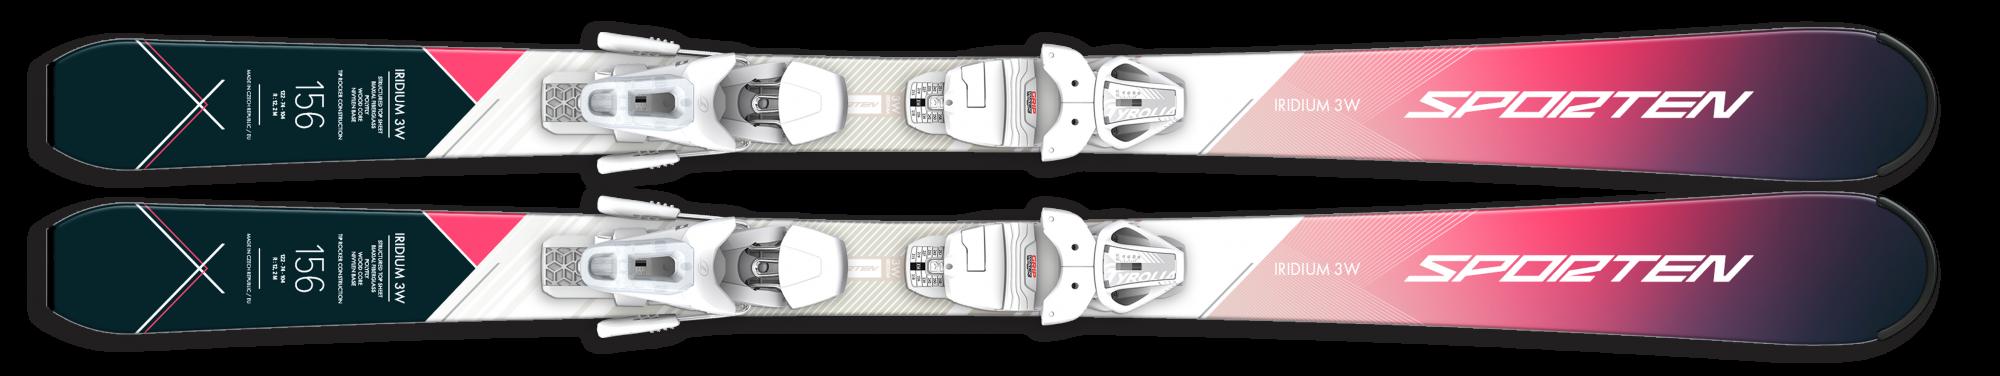 Dámské lyže Sporten Iridium 3 W.png